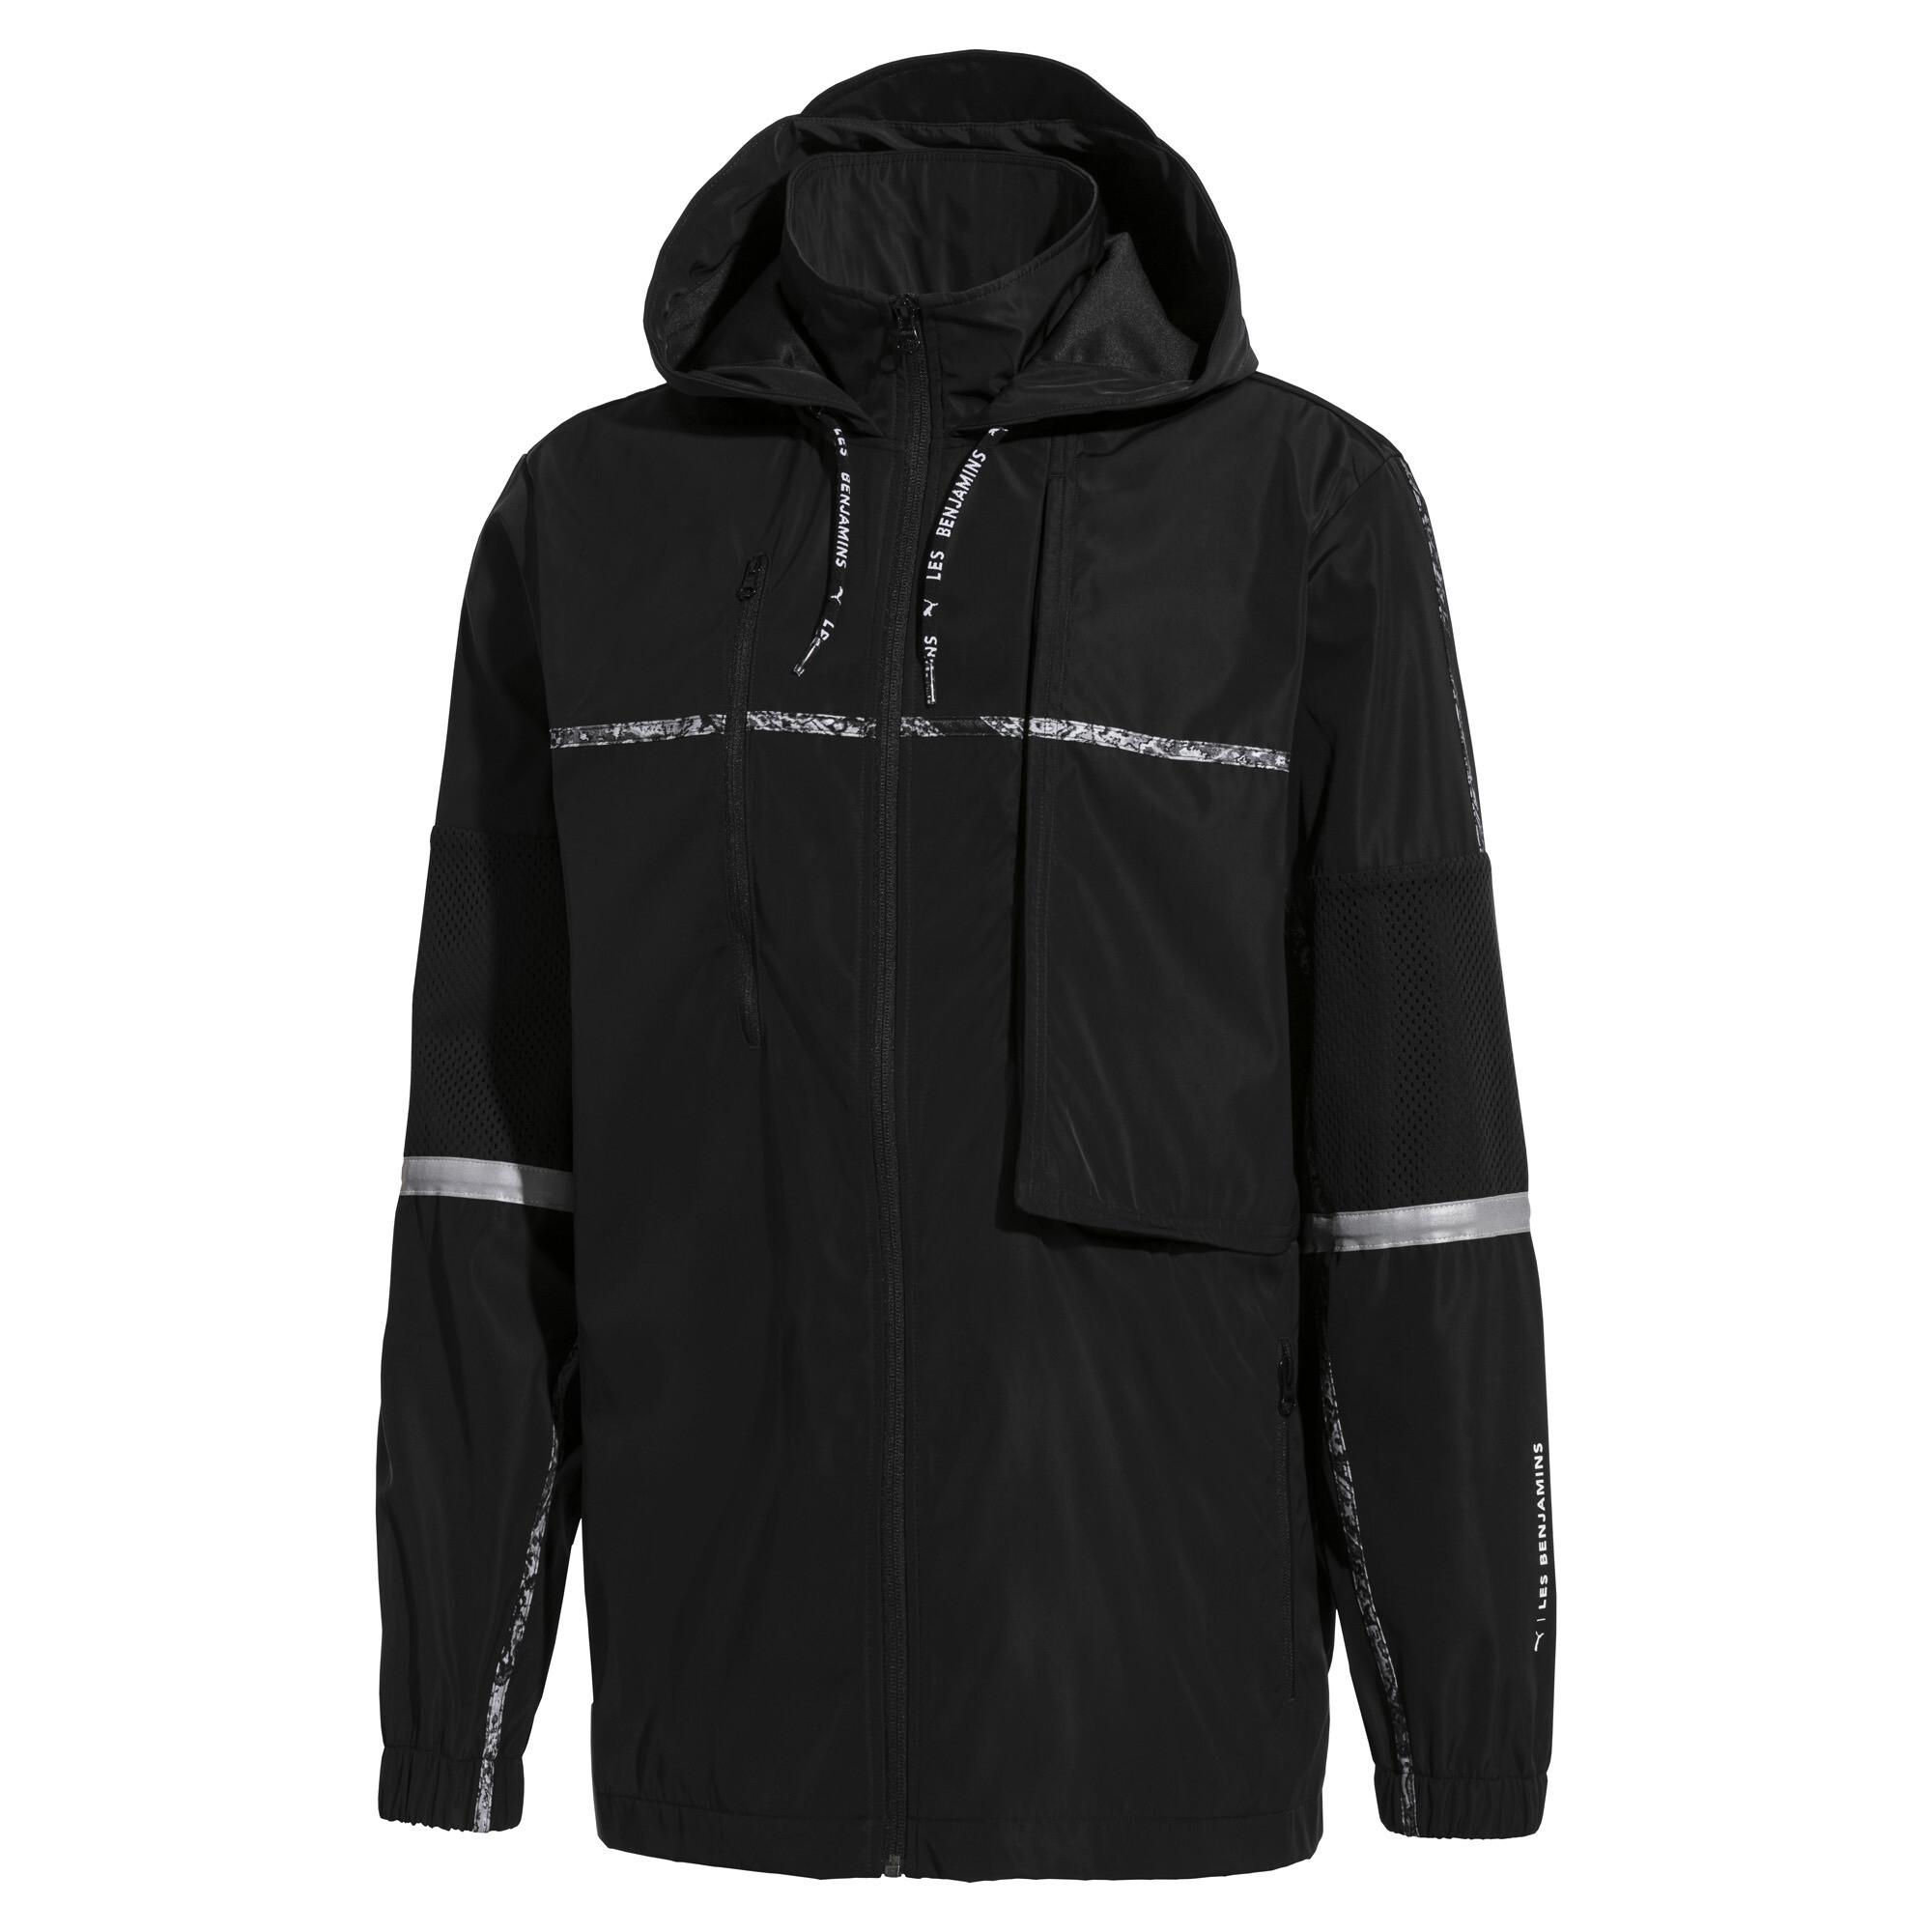 7be1348be23e9 Спортивные мужские куртки и ветровки Puma - купите в интернет-магазине